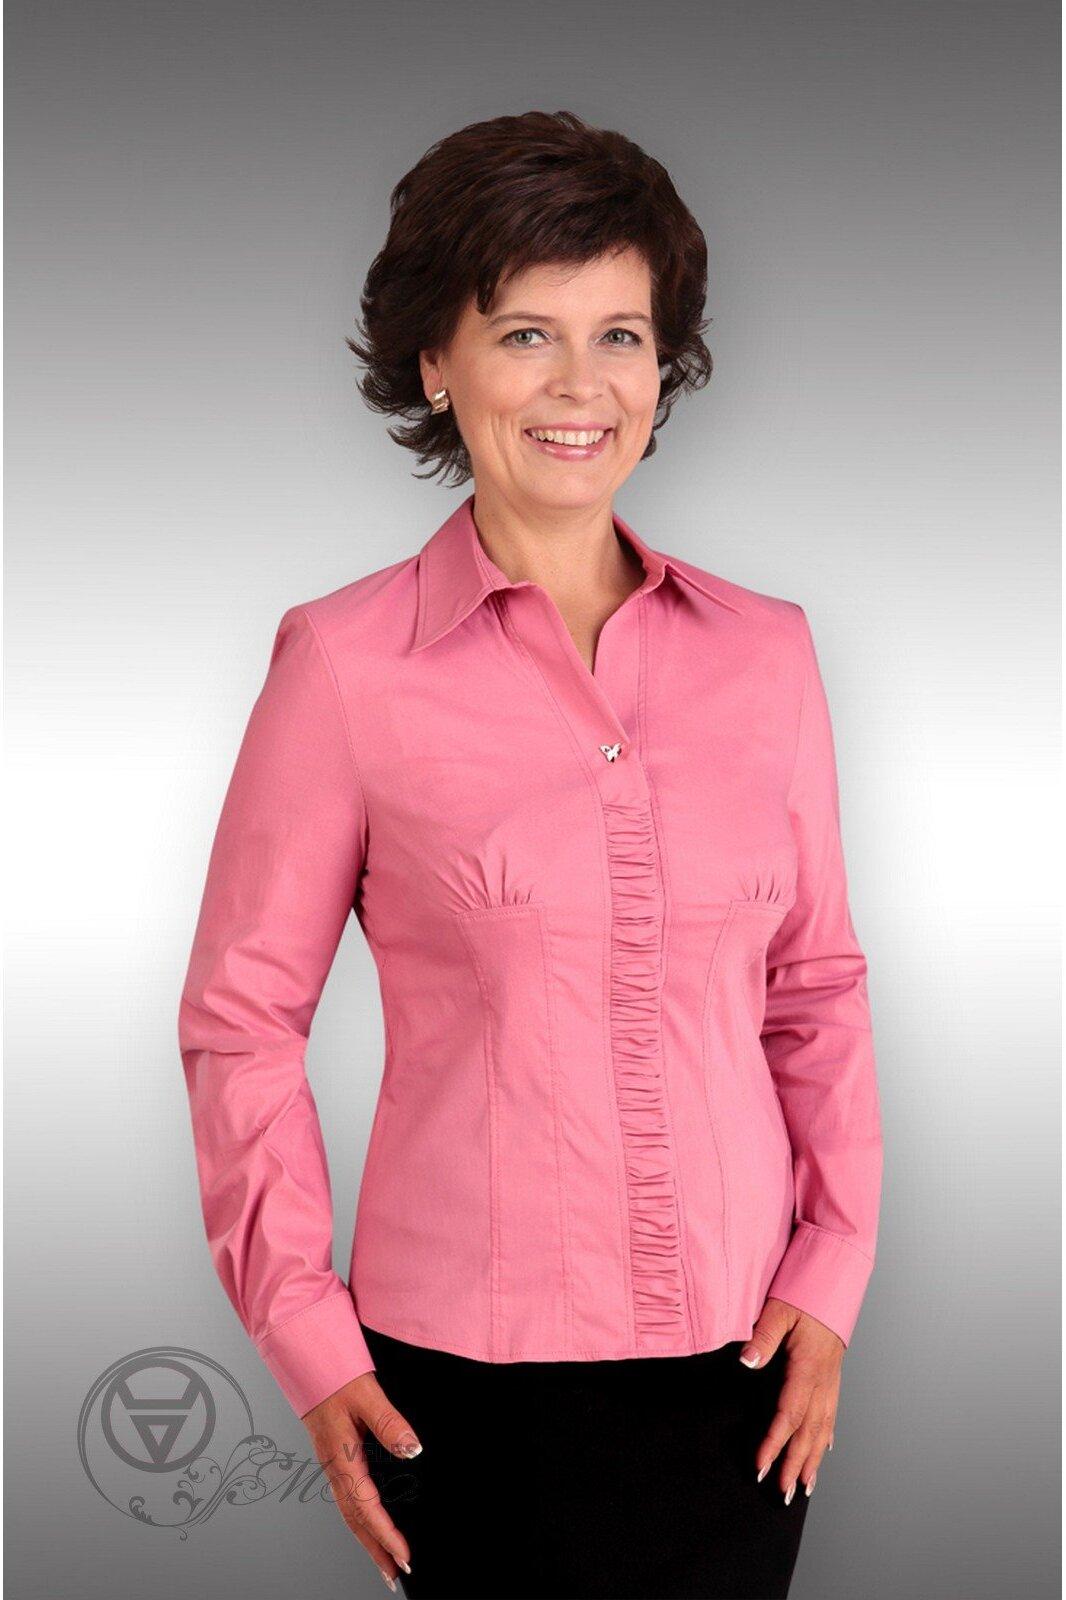 блузки 52 размера купить с доставкой